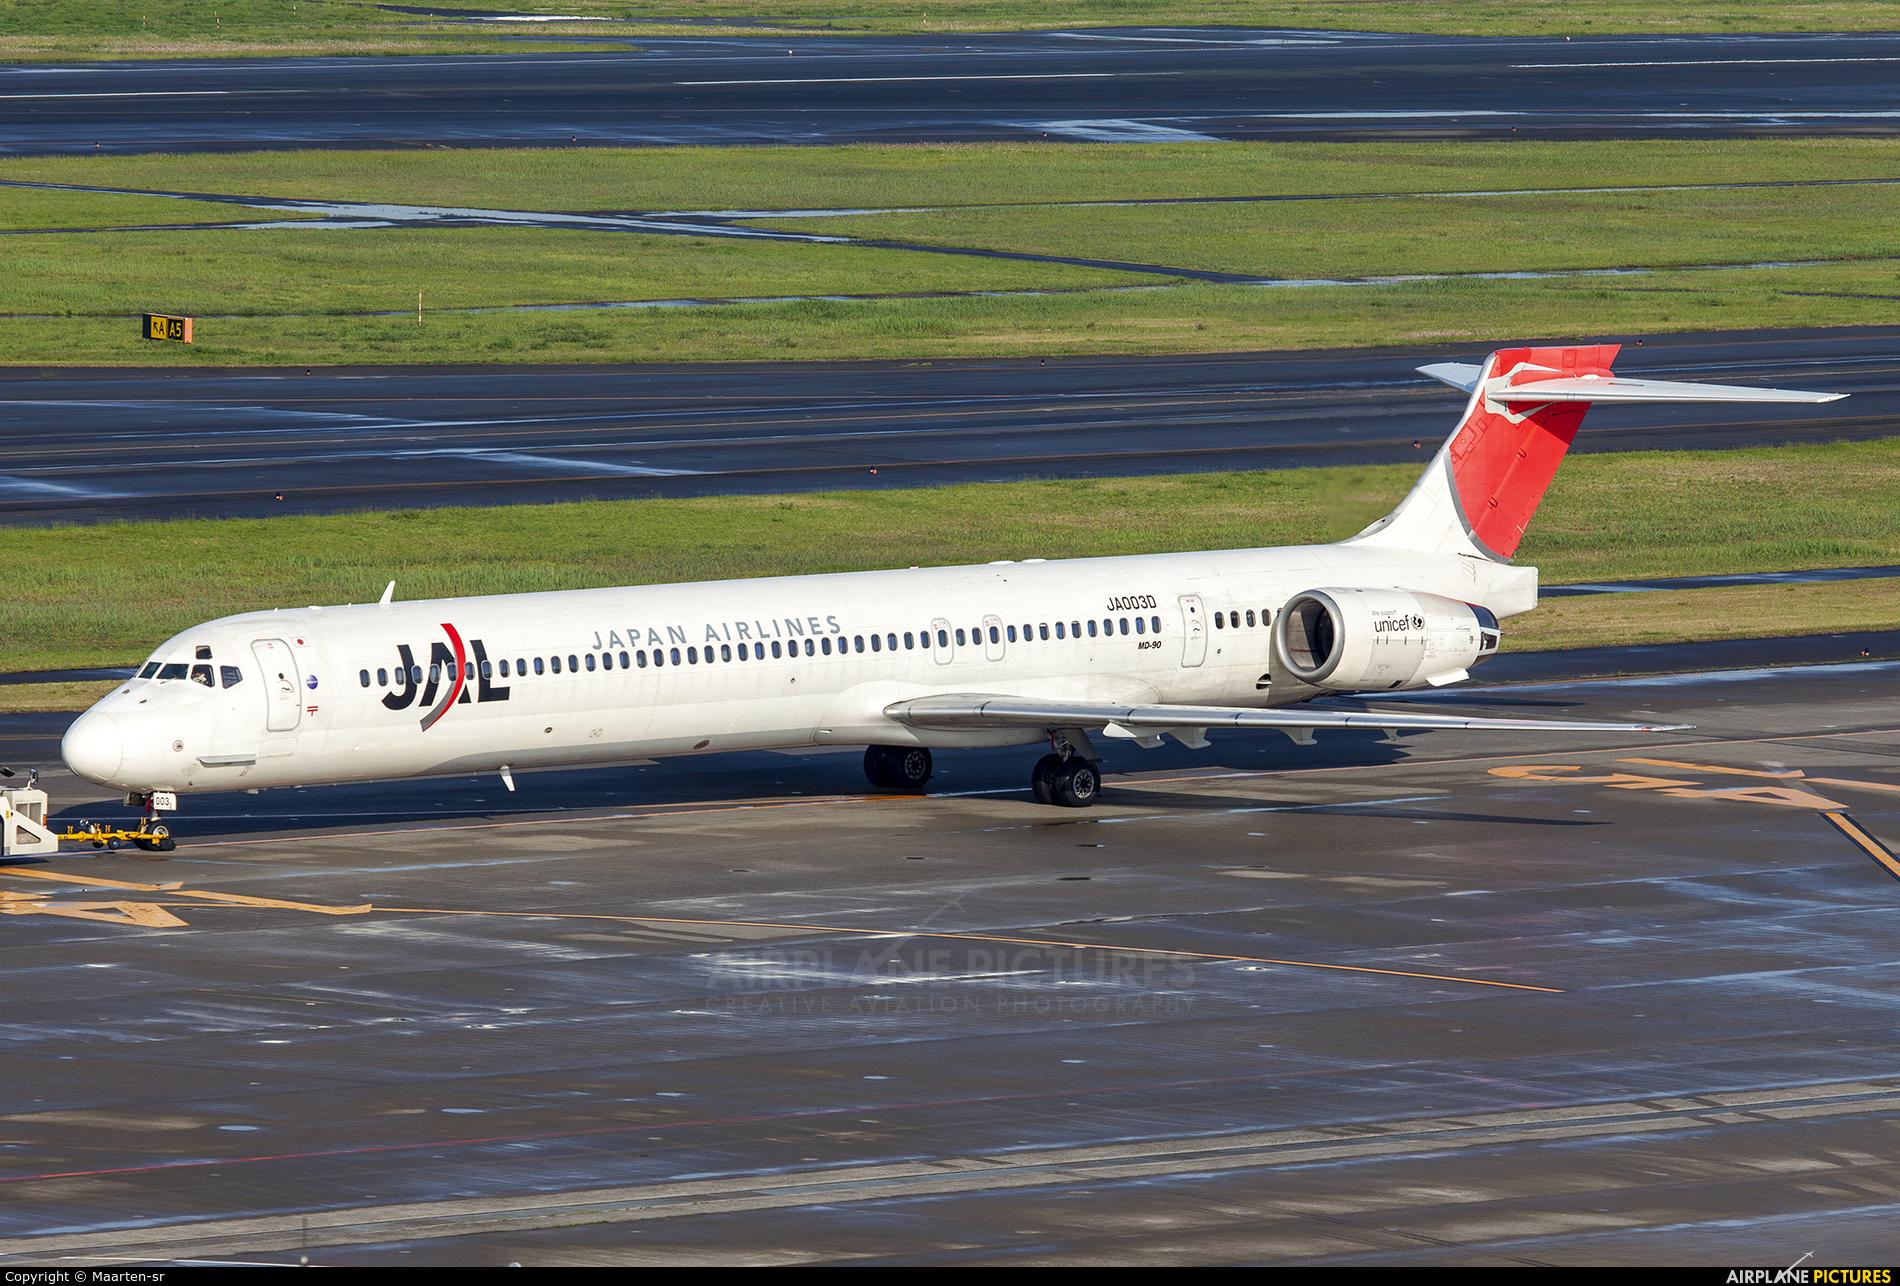 JAL - Japan Airlines JA003D aircraft at Tokyo - Haneda Intl